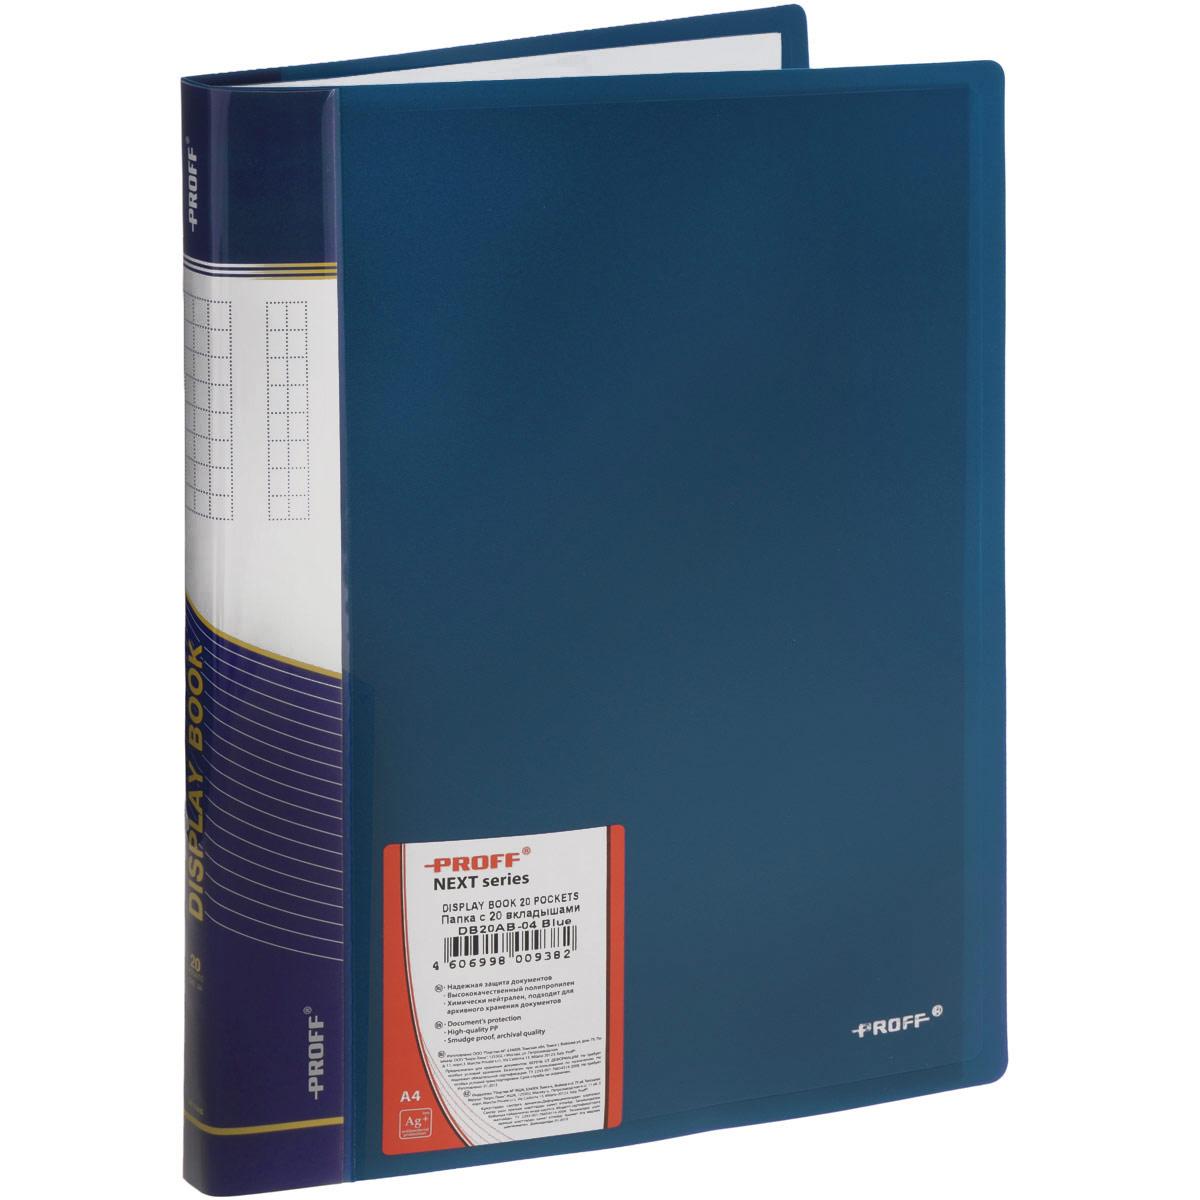 Proff Папка с файлами Next 20 листов цвет синий84018ФПапка с файлами Proff Next - это удобный и практичный офисный инструмент, предназначенный для хранения и транспортировки рабочих бумаг и документов формата А4.Обложка выполнена из плотного полипропилена. Папка включает в себя 20 прозрачных файлов формата А4.Папка с файлами - это незаменимый атрибут для студента, школьника, офисного работника. Такая папка надежно сохранит ваши документы и сбережет их от повреждений, пыли и влаги.